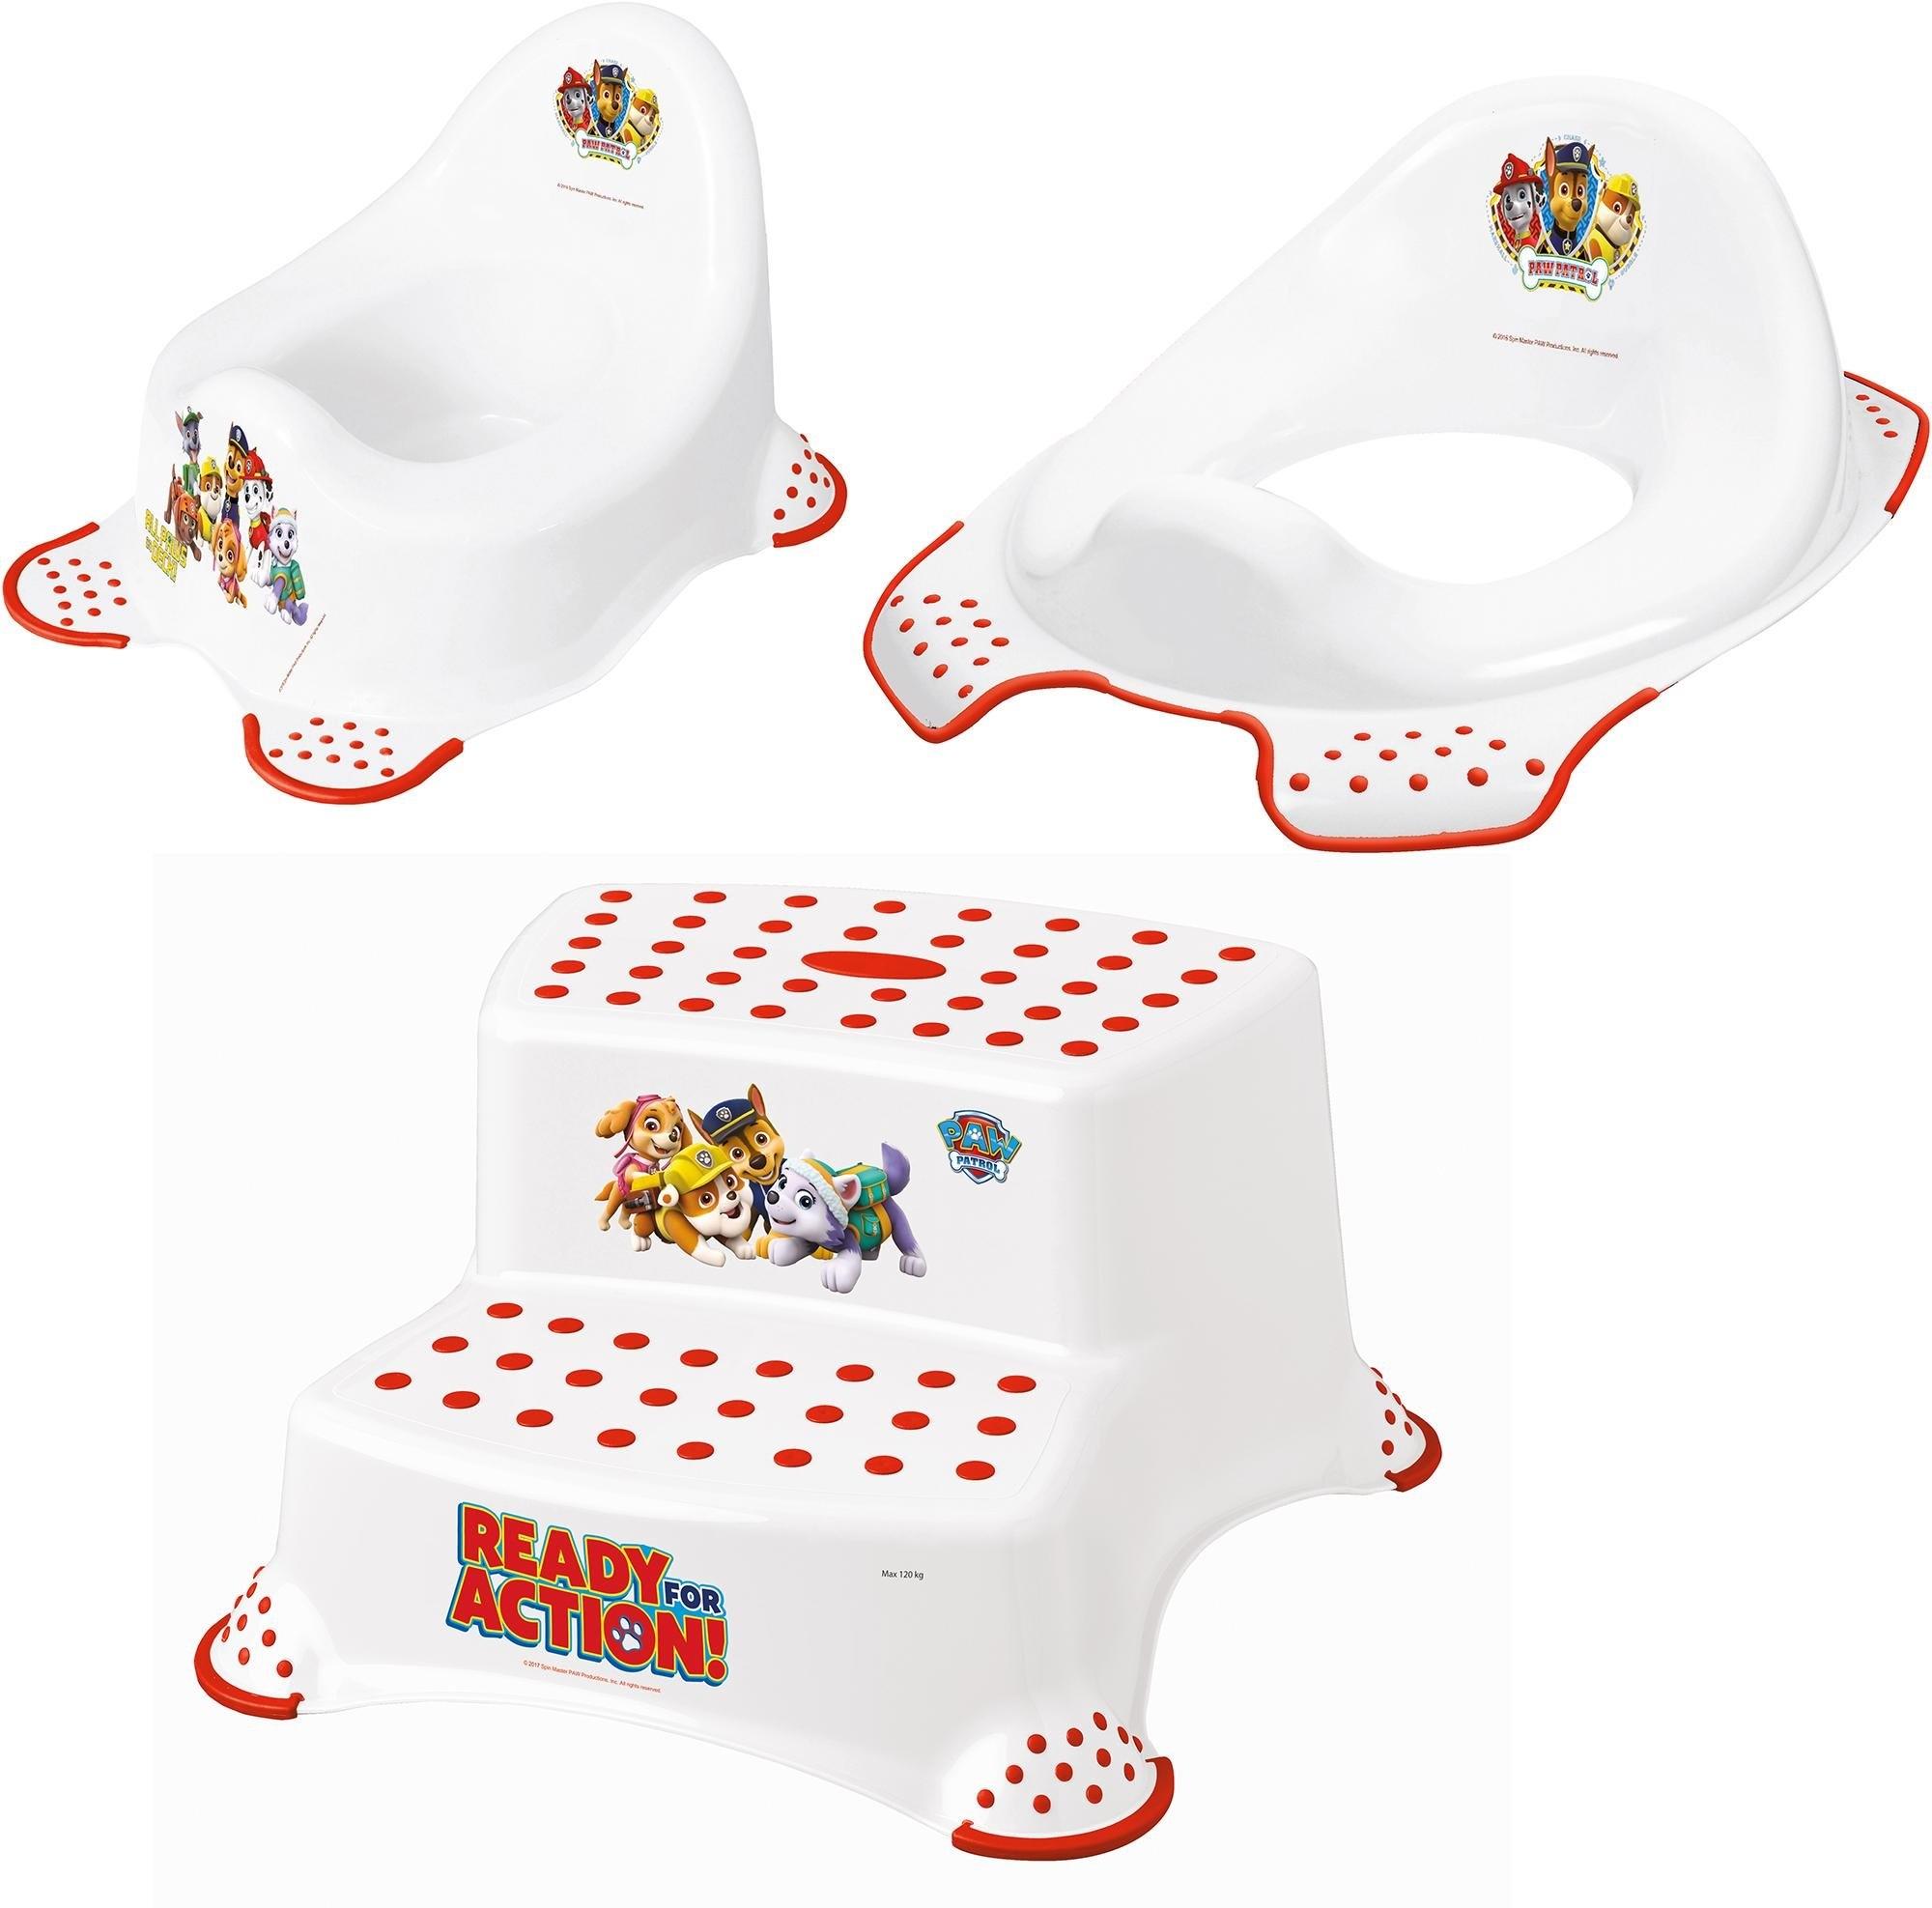 Keeeper 3-delige verzorgingsset voor kinderen - potje, toiletzitting en trapkrukje, »Paw Patrol« nu online kopen bij OTTO